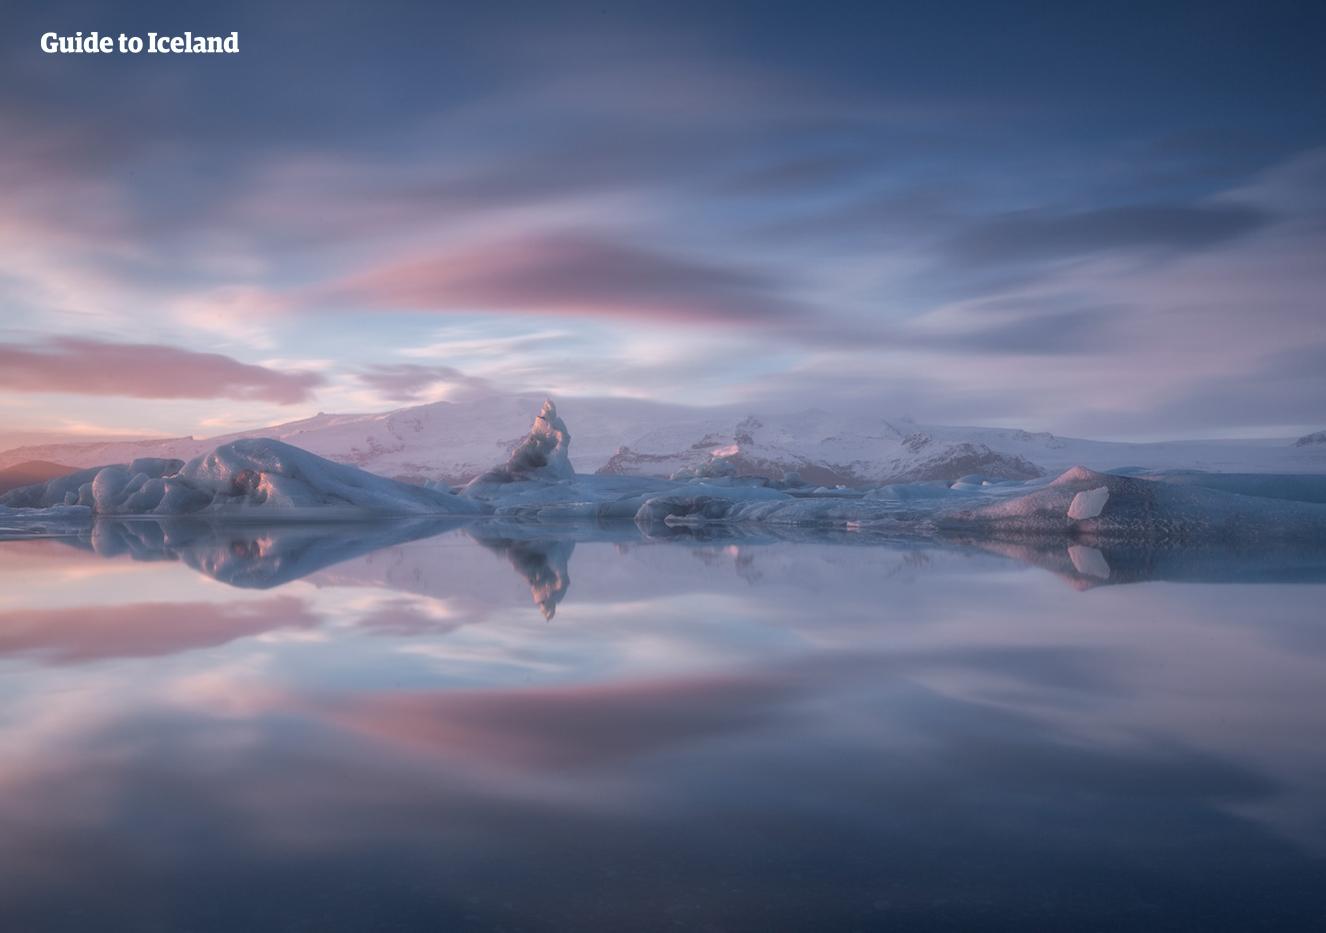 Die Gletscherlagune Jökulsarlon ist im Winter genauso schön wie im Sommer.